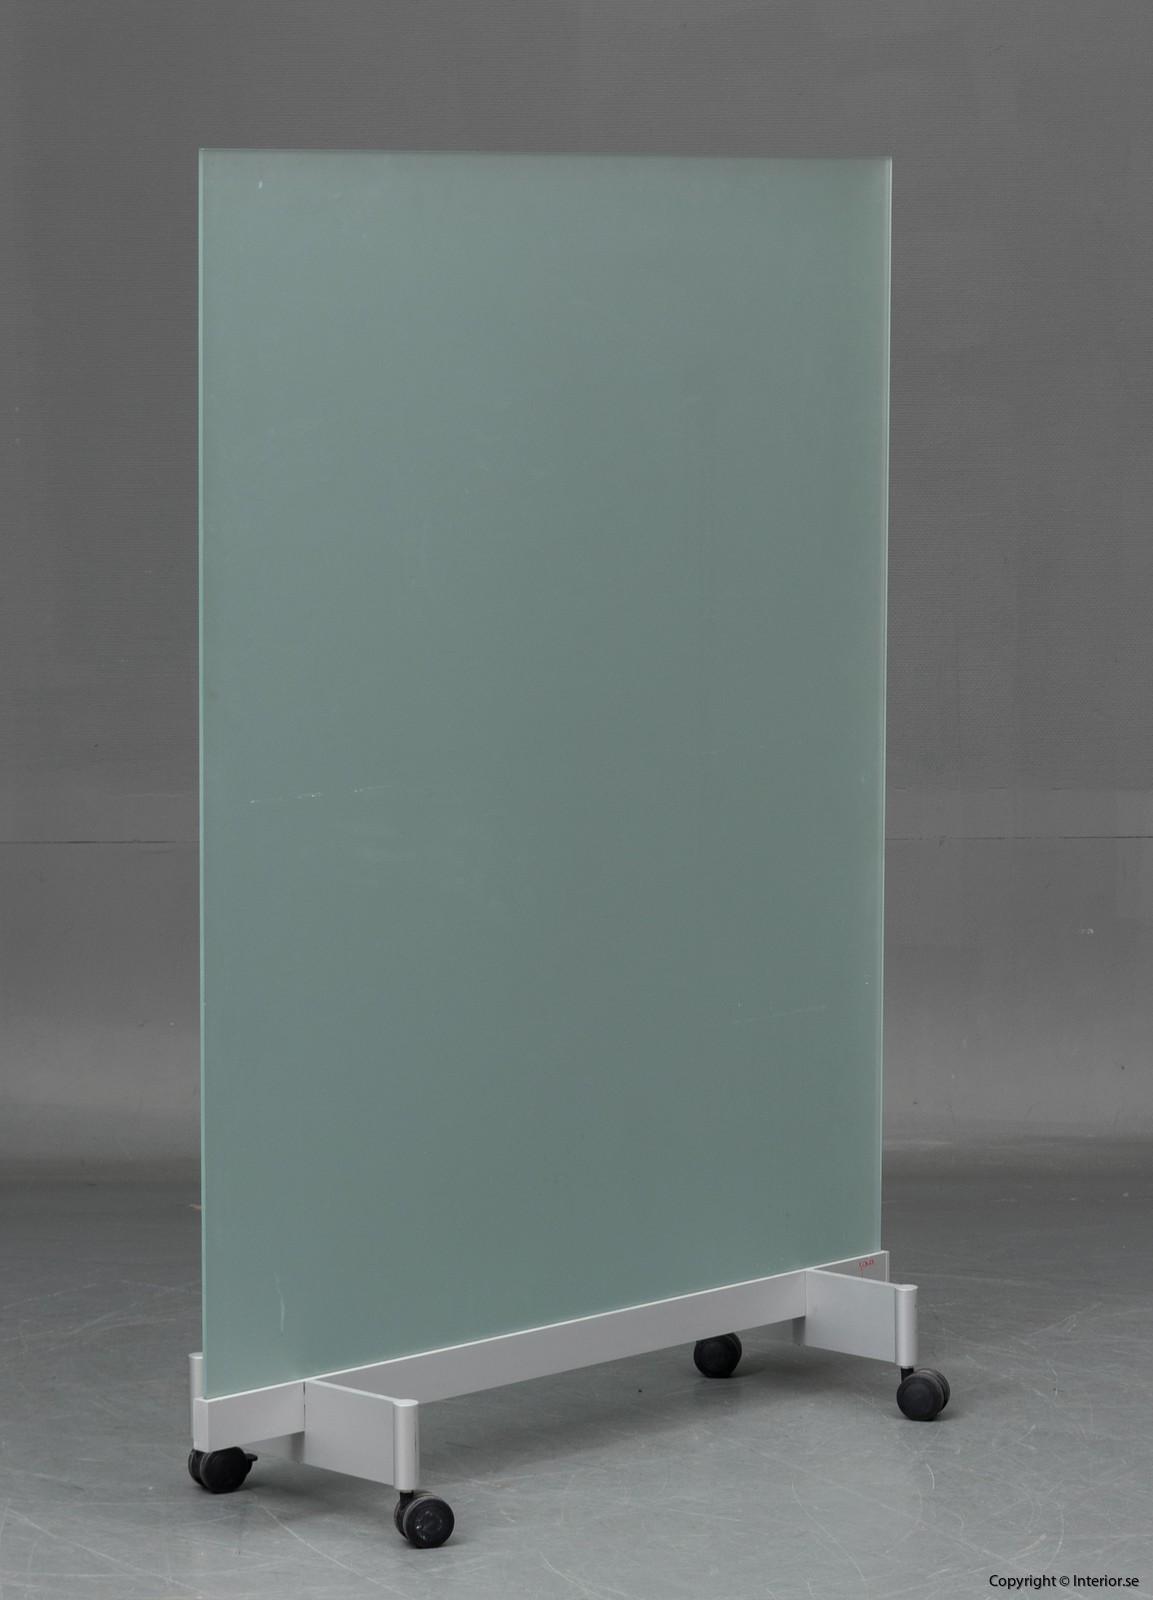 BORKS, flyttbara golvskärmväggar rumsavdelare glas och med hjul BORKS, Room Divider Space Divider with glass and casters 4